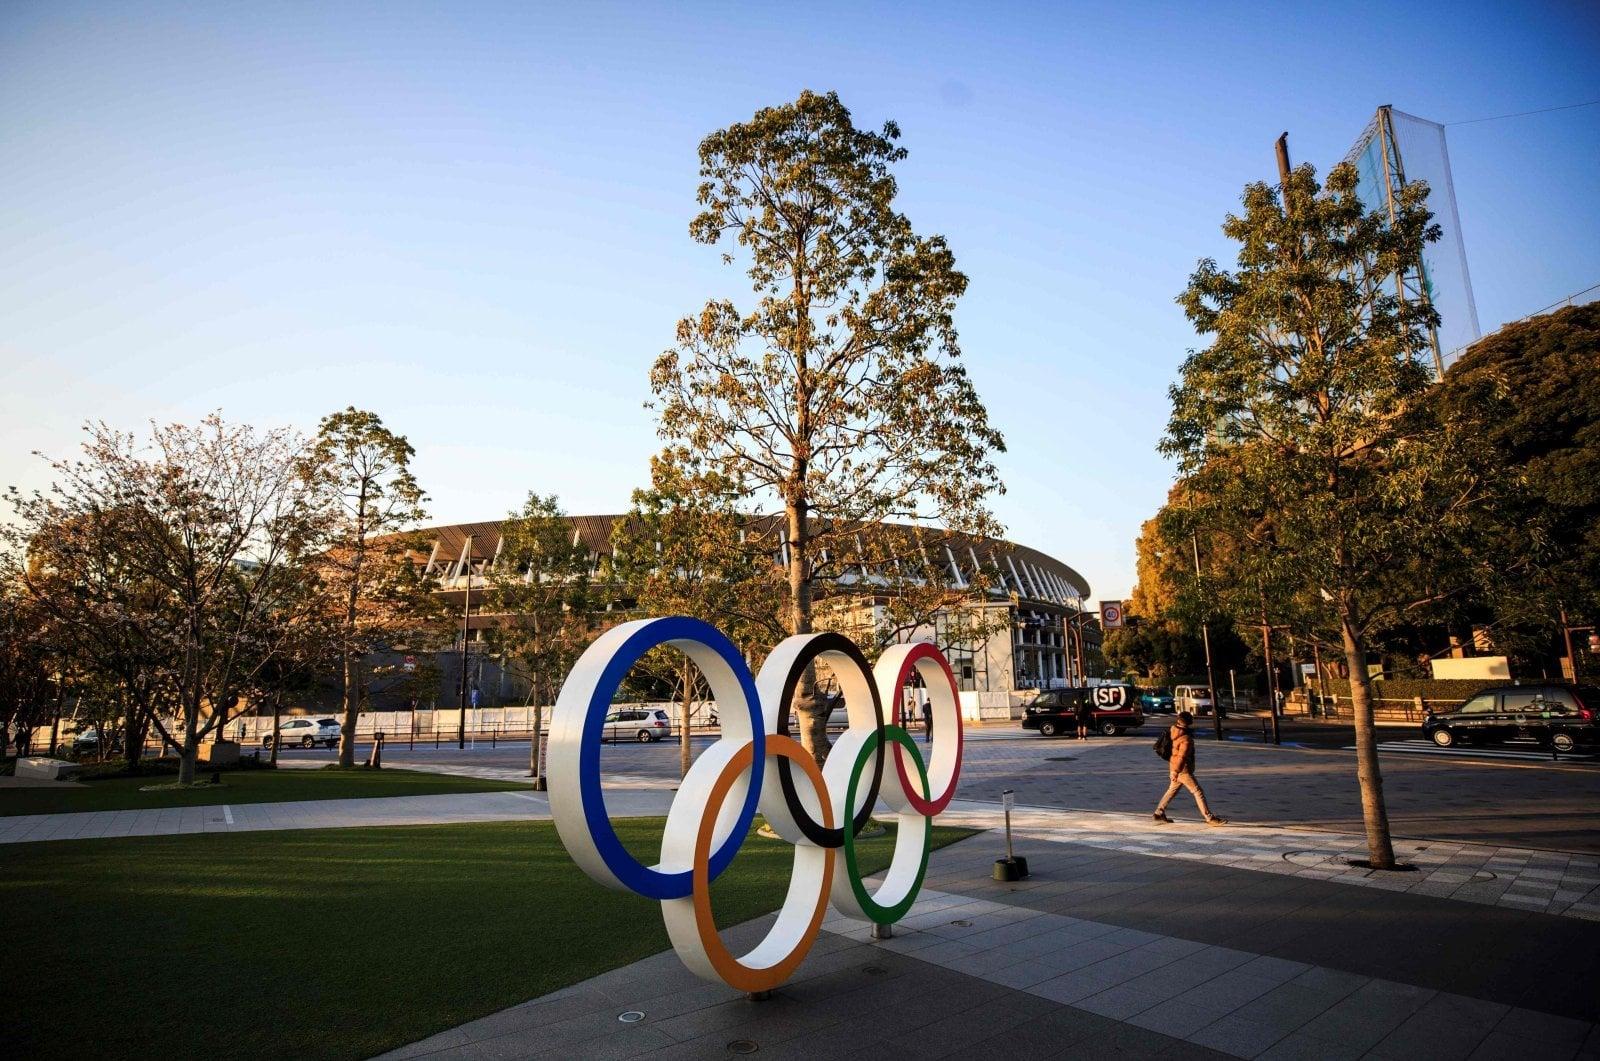 2020ء کے اولمپکس کی میزبانی جاپان کے دارالحکومت اور دنیا کے مقبول ترین شہر ٹوکیو کے حصے میں آئی تھی—اے ایف پی